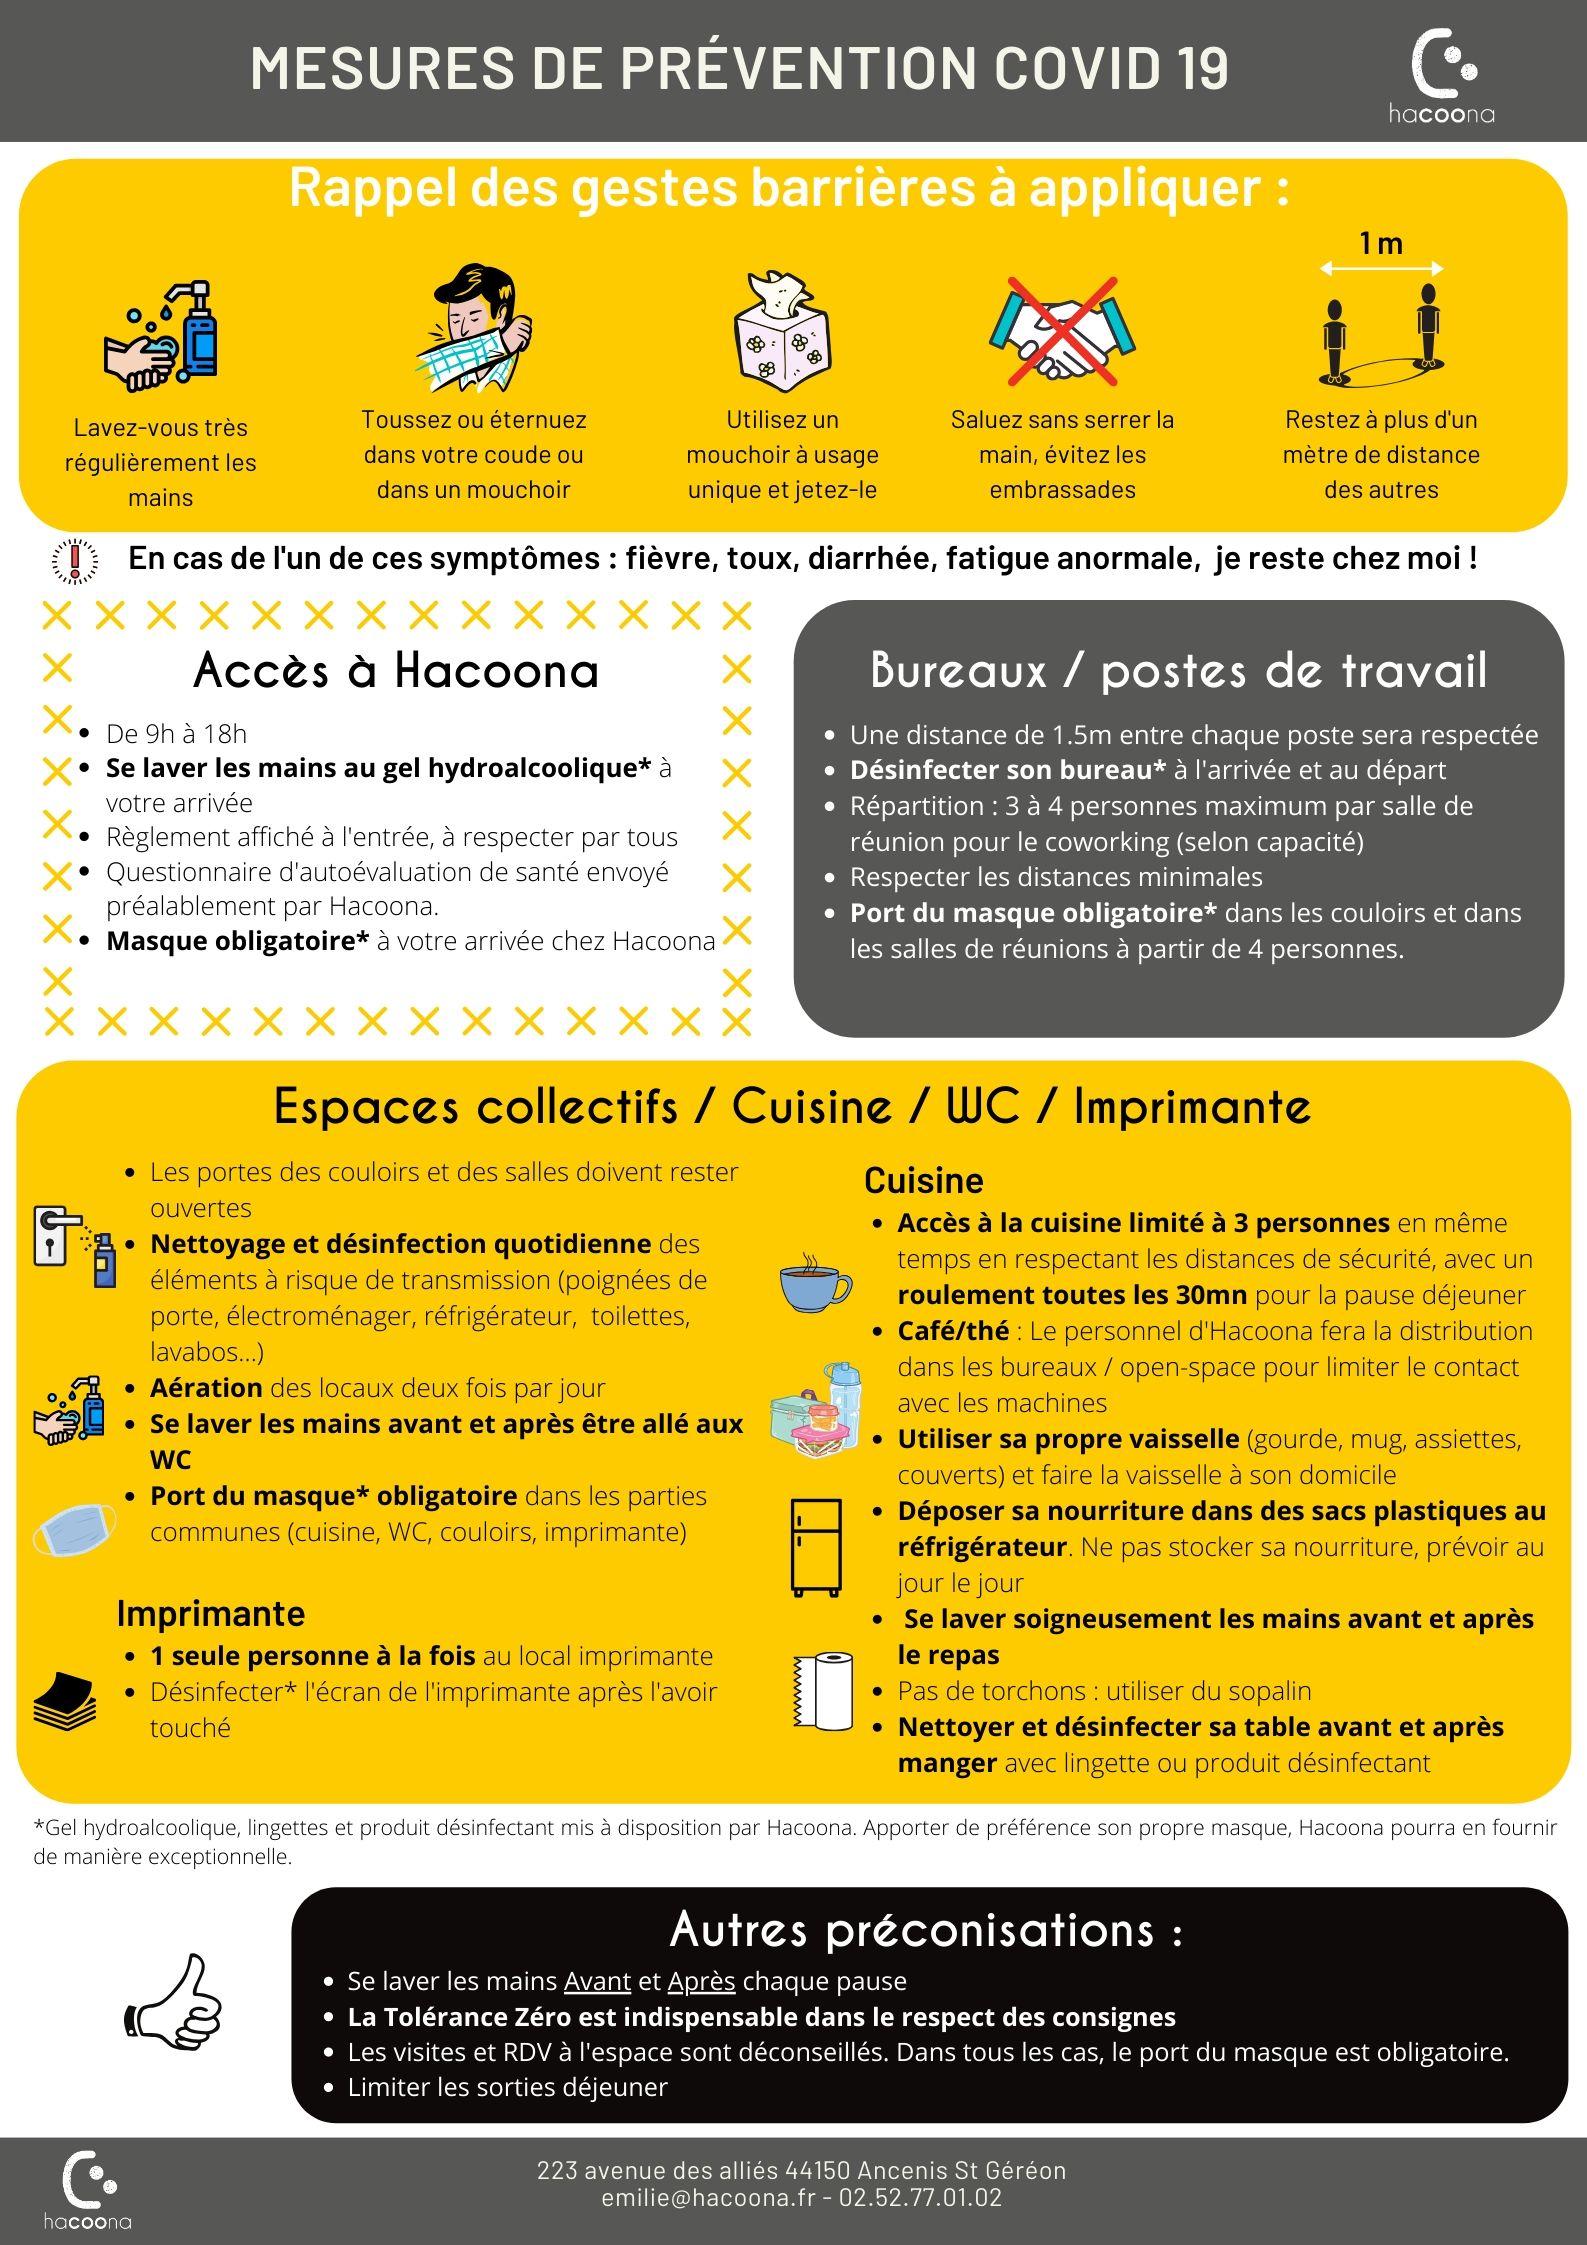 Mesures de précaution covid 19 - Hacoona